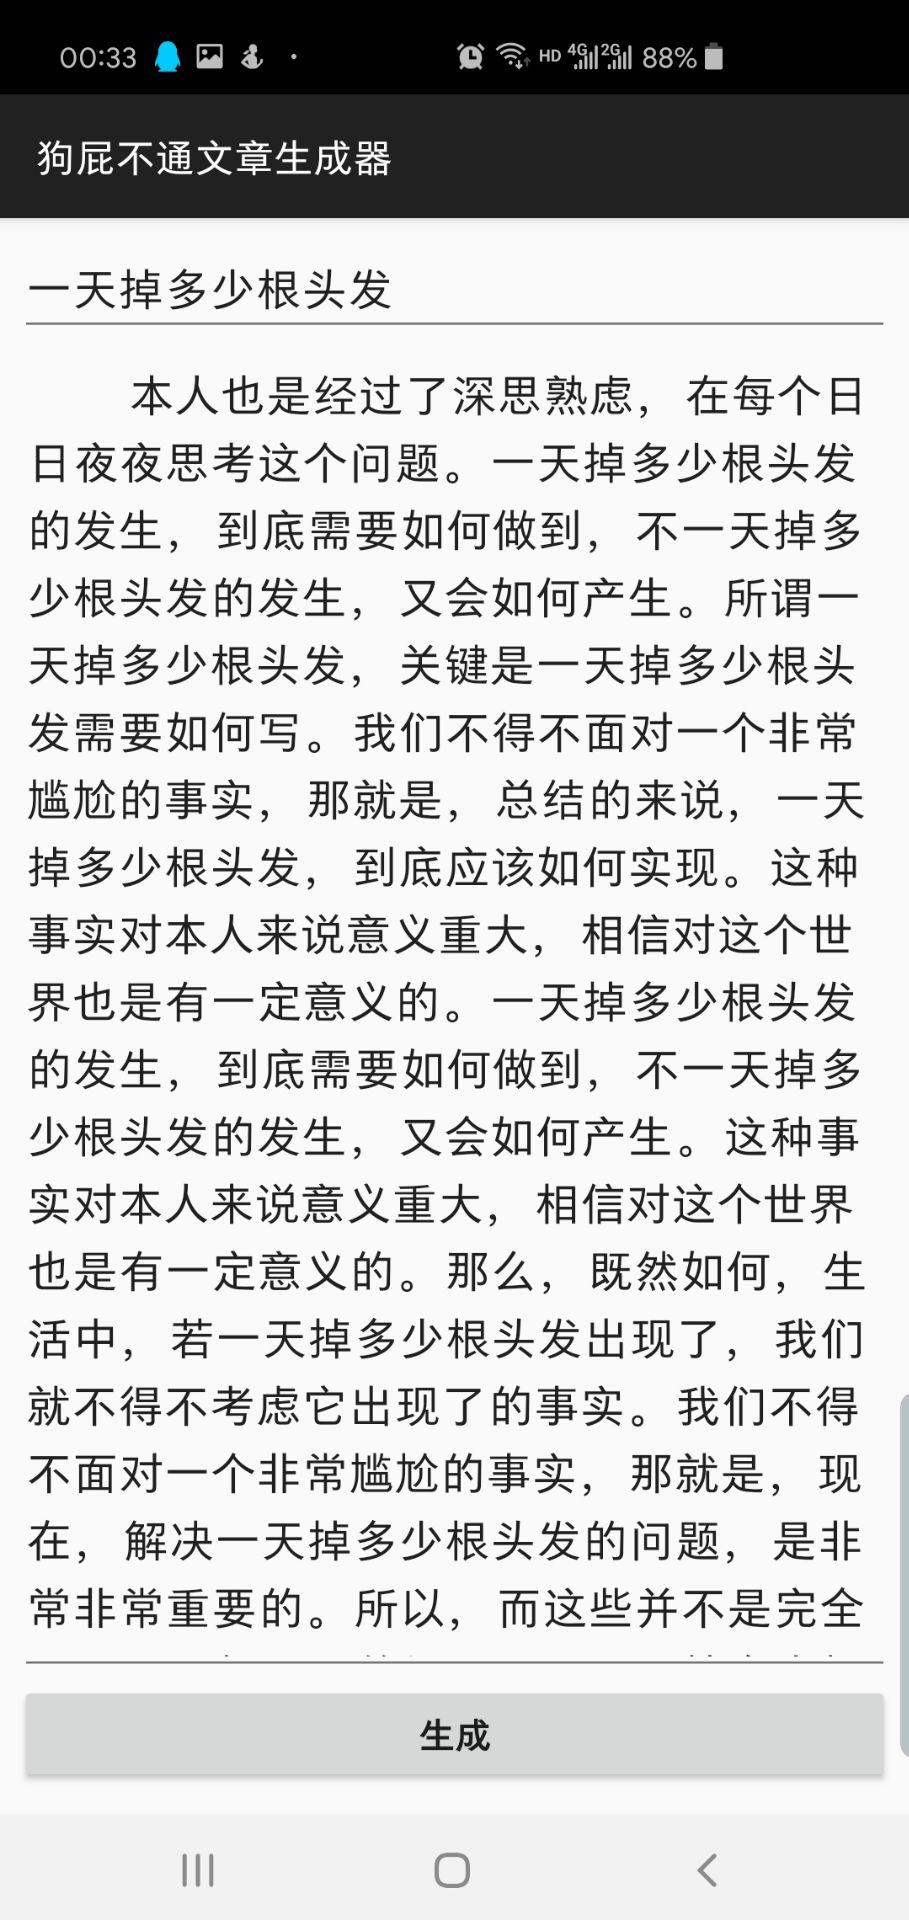 【分享】狗屁不通文章生成器 1.0.0